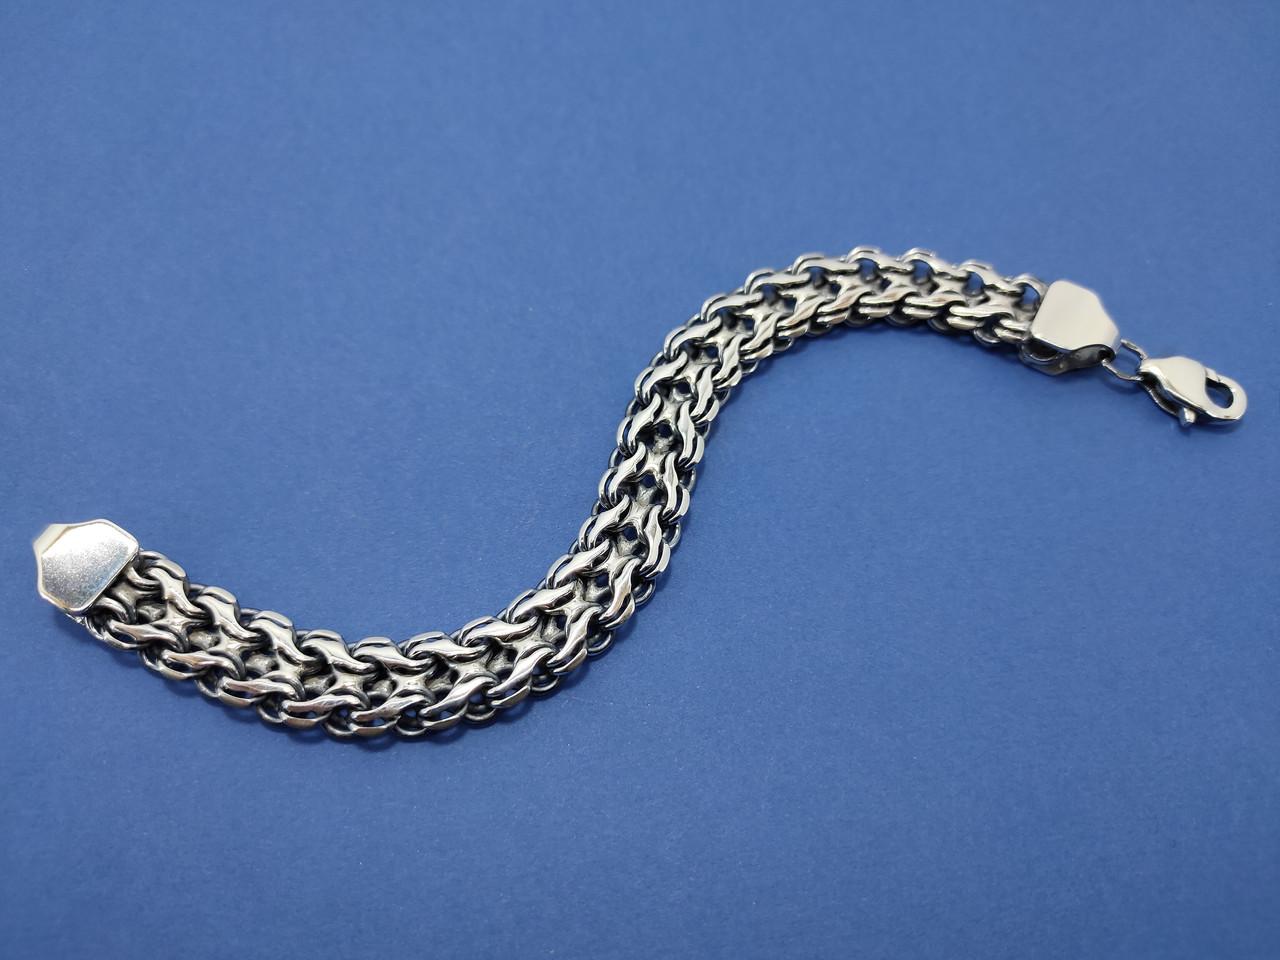 Срібний браслет подвійний струмочок, 19 см., 35 гр.